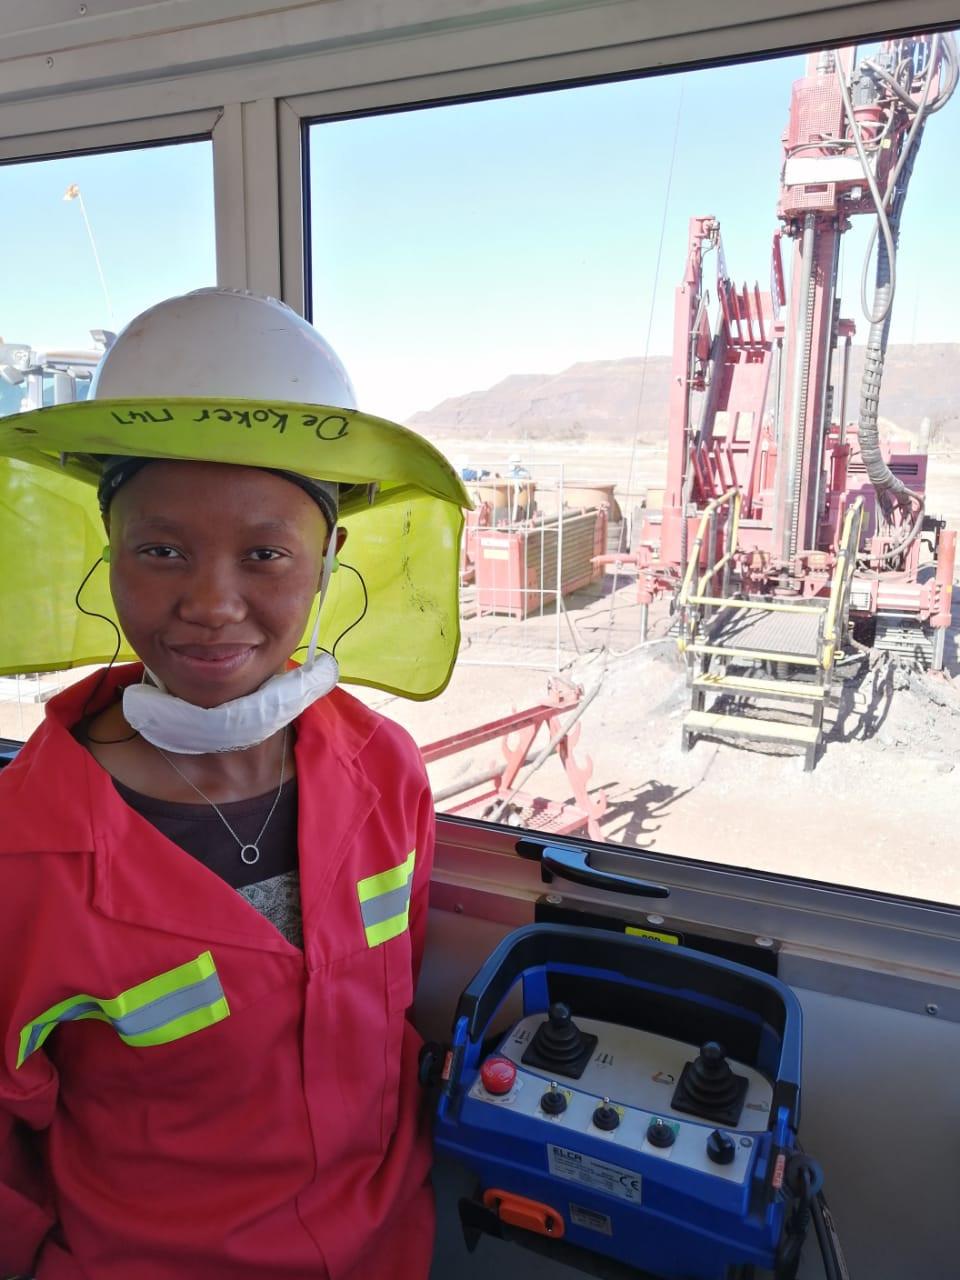 Veronica Mofokeng